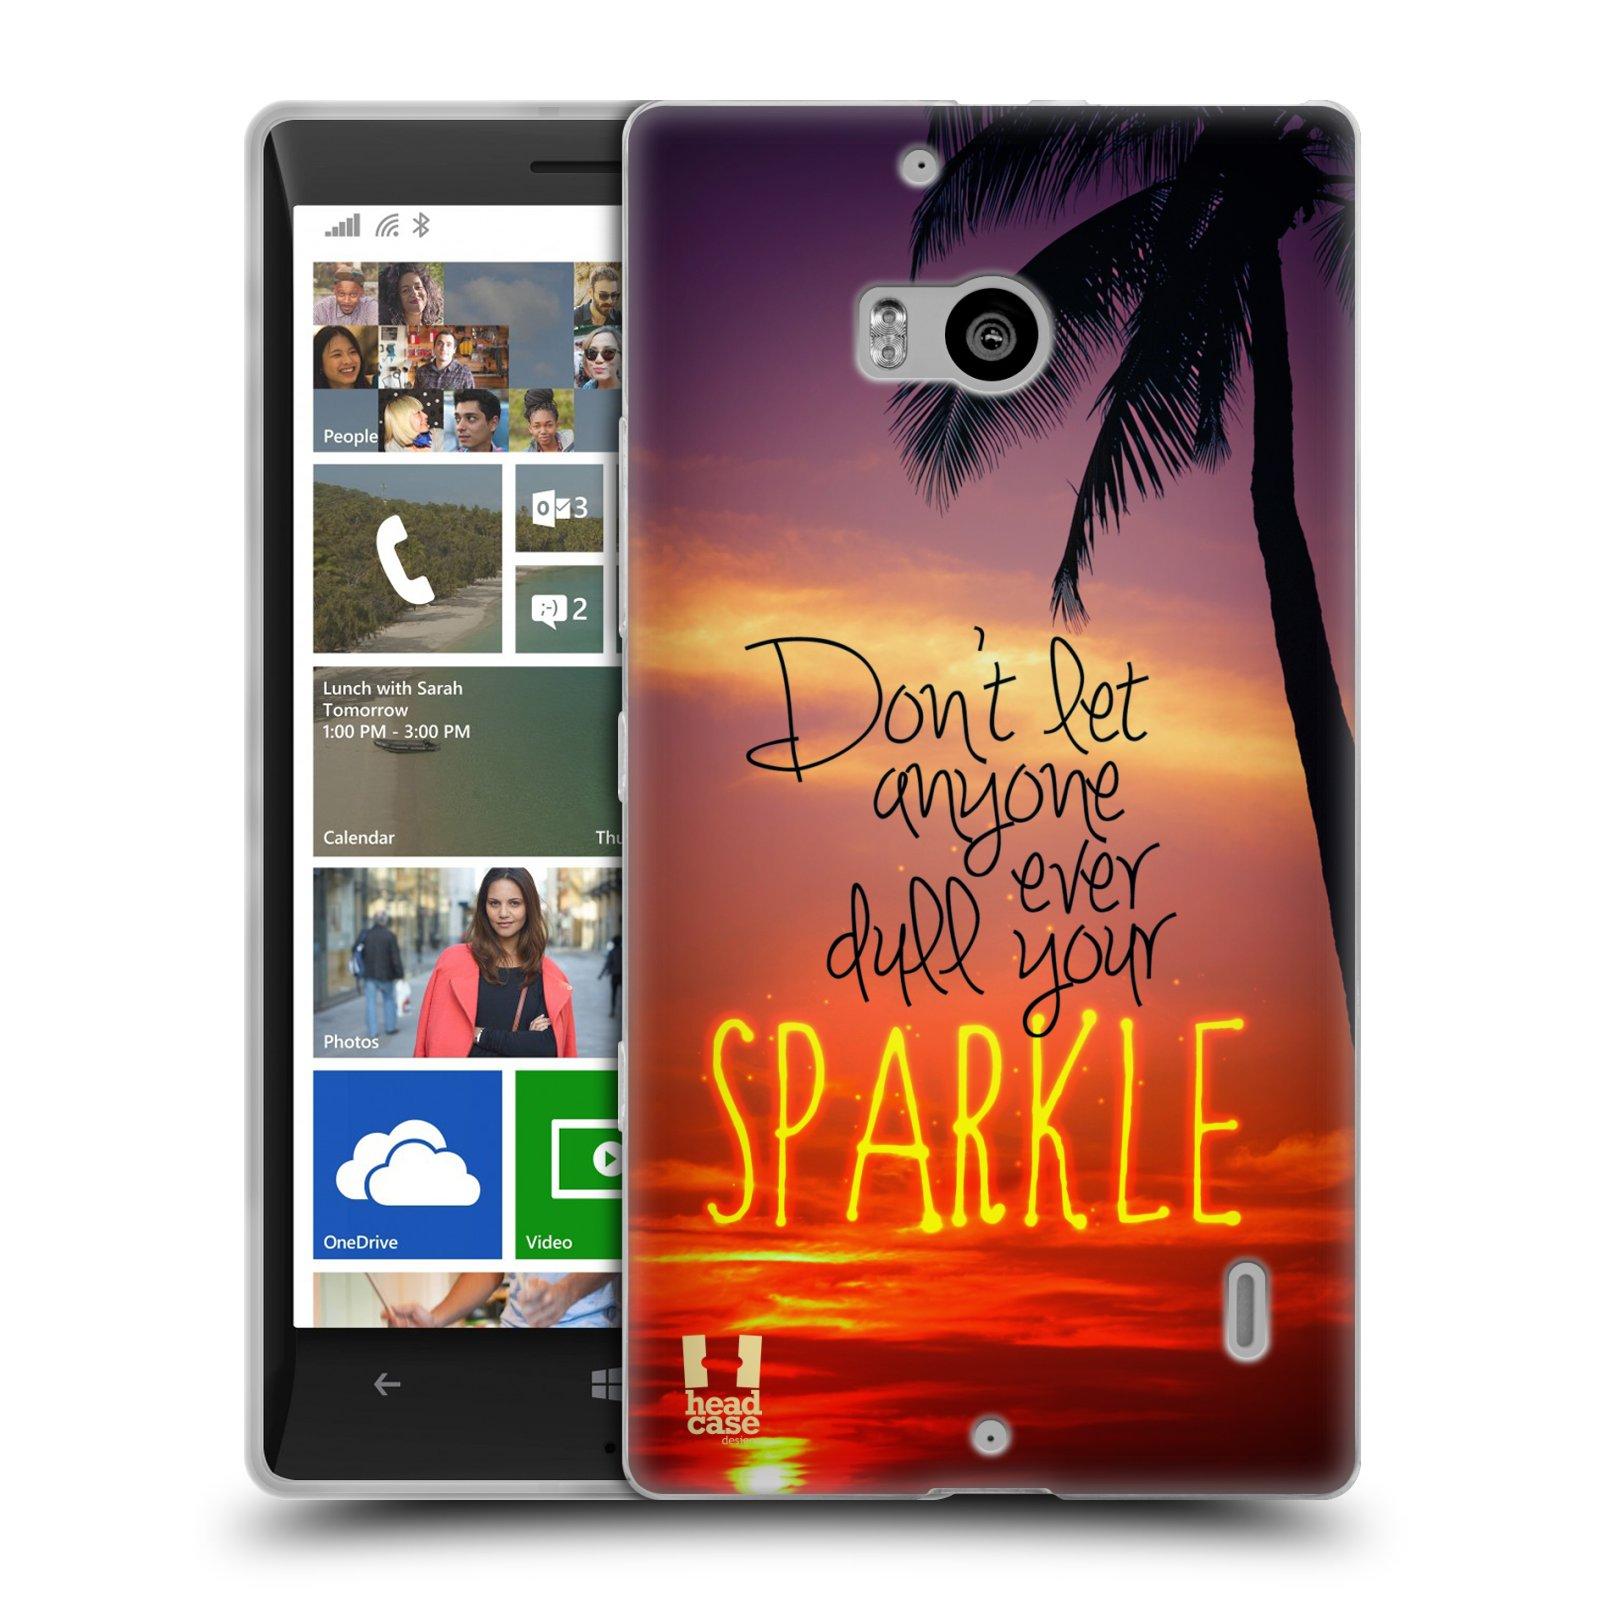 Silikonové pouzdro na mobil Nokia Lumia 930 HEAD CASE SPARKLE (Silikonový kryt či obal na mobilní telefon Nokia Lumia 930)